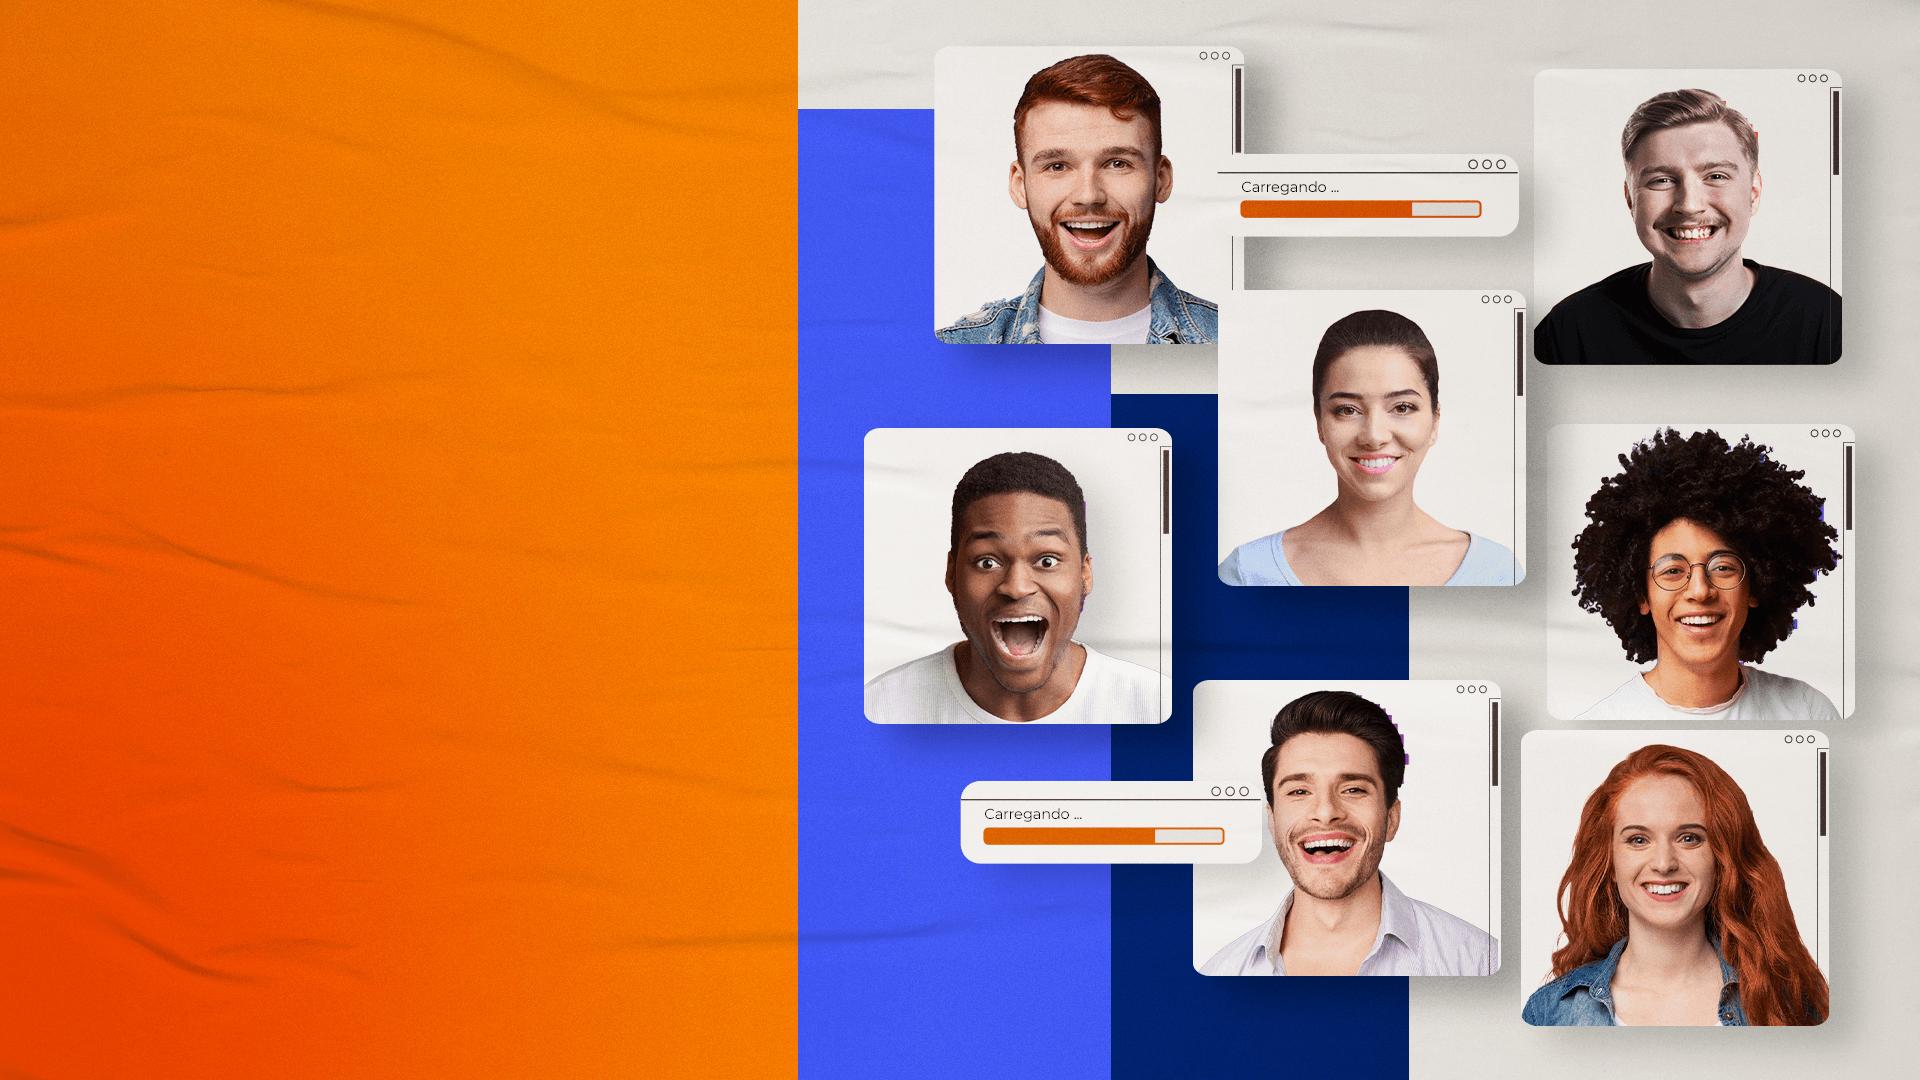 Indica Vindi - Indique clientes e ganhe recompensas em dinheiro. Fundo laranja com azul e imagens de pessoas diversas sorridentes